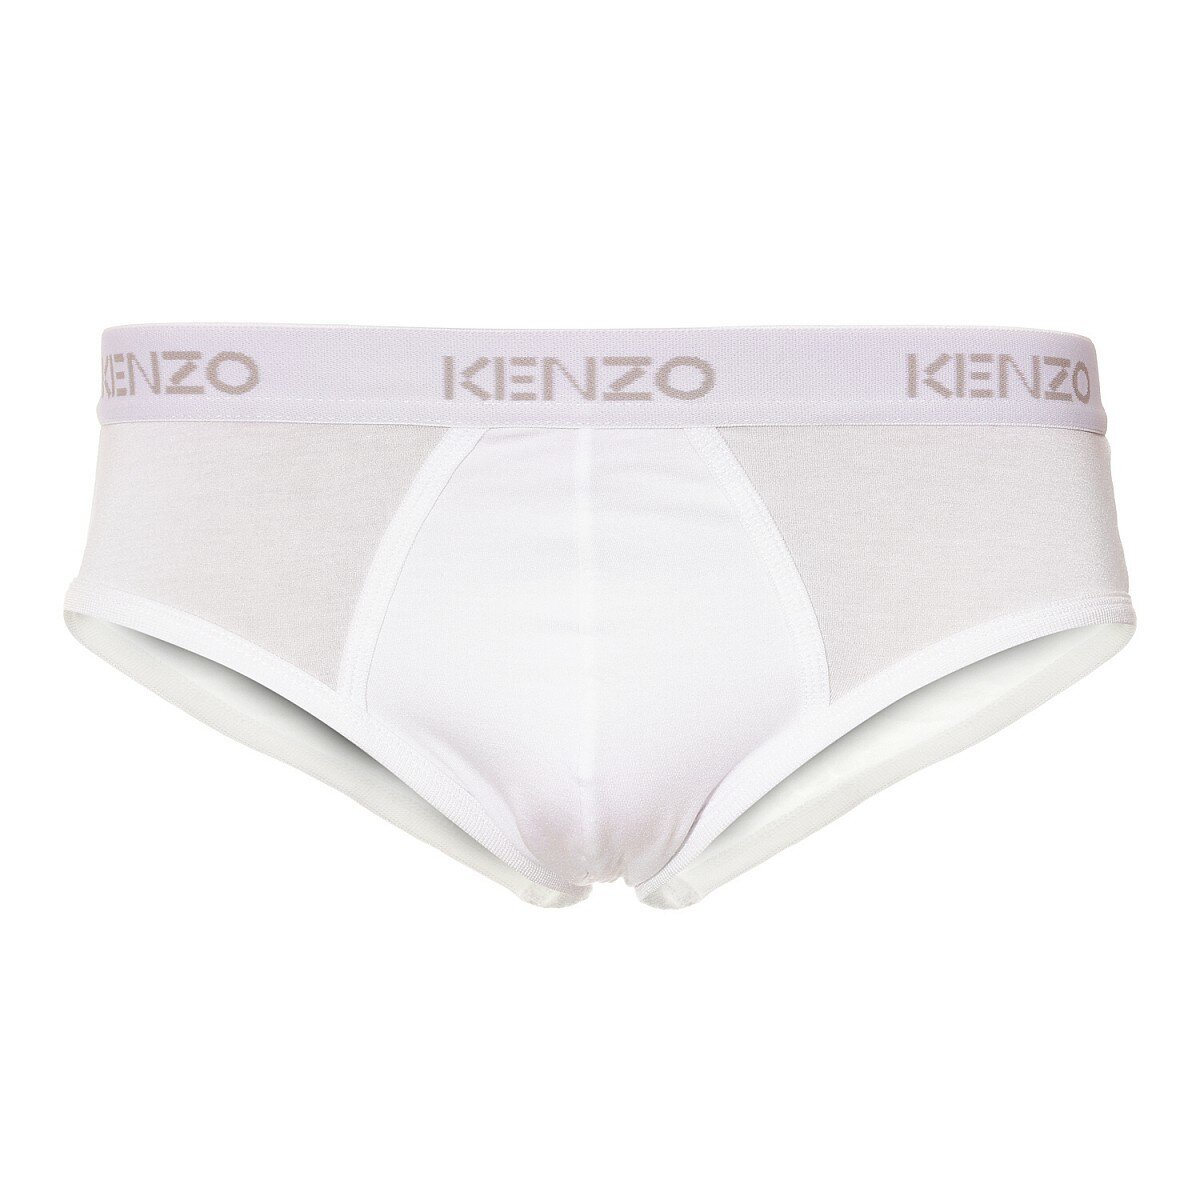 6d24a9cba5f Pánské bílé slipy Kenzo